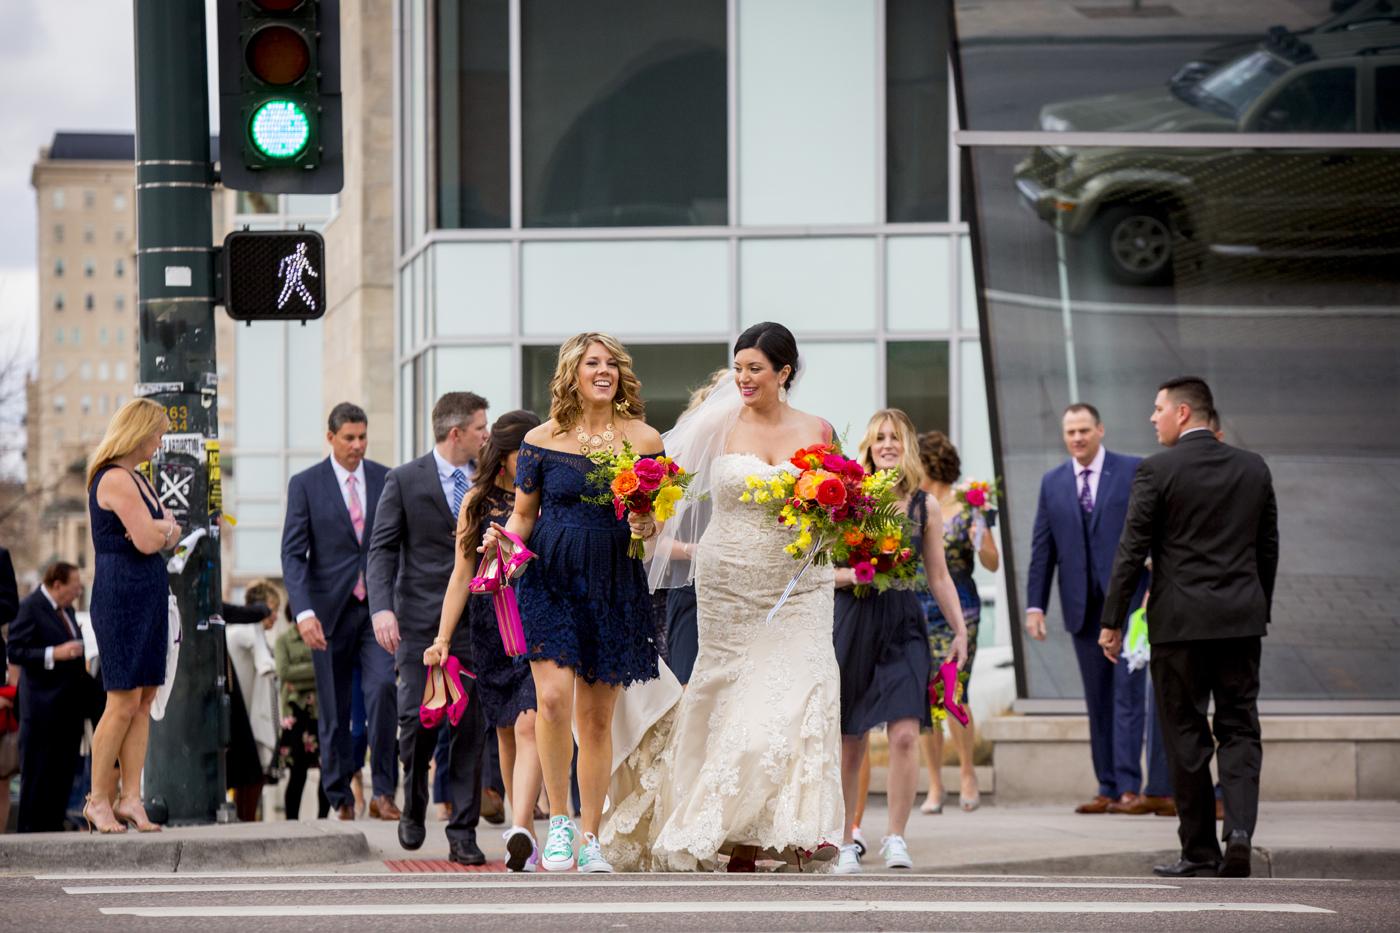 Vibrant Denver, Colorado City Hall Wedding -- Wedding Inspiration - The Overwhelmed Bride